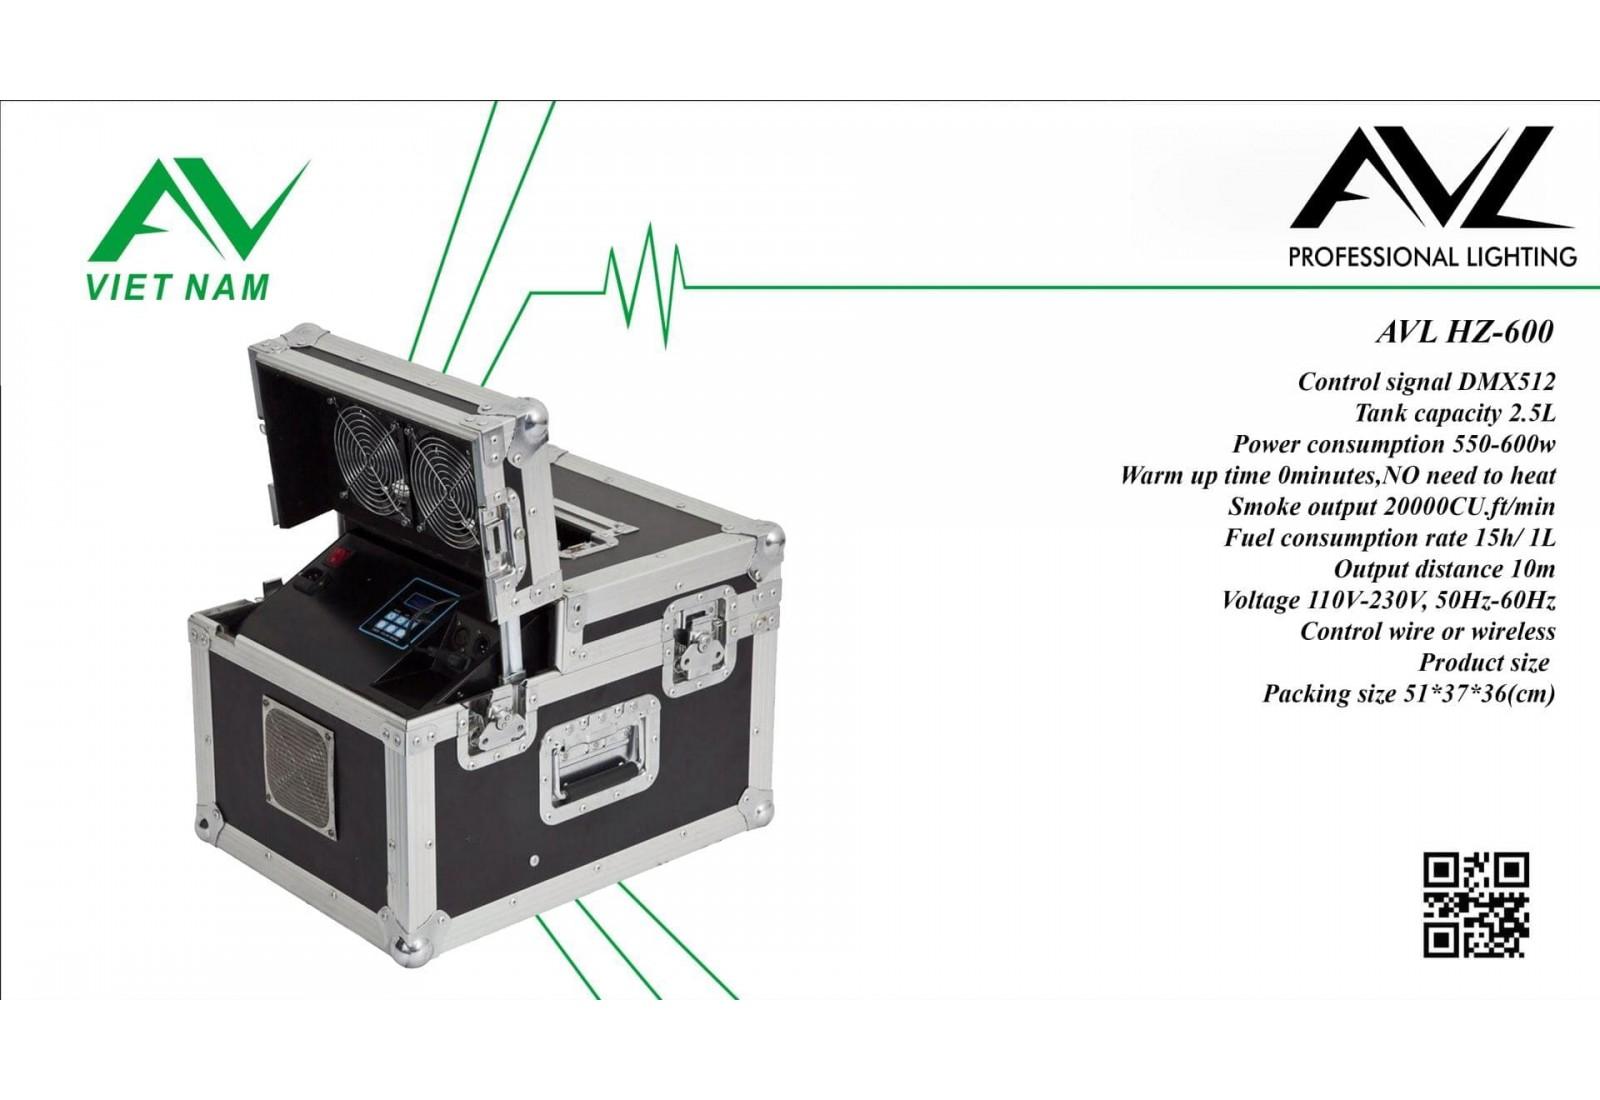 AVL HZ-600